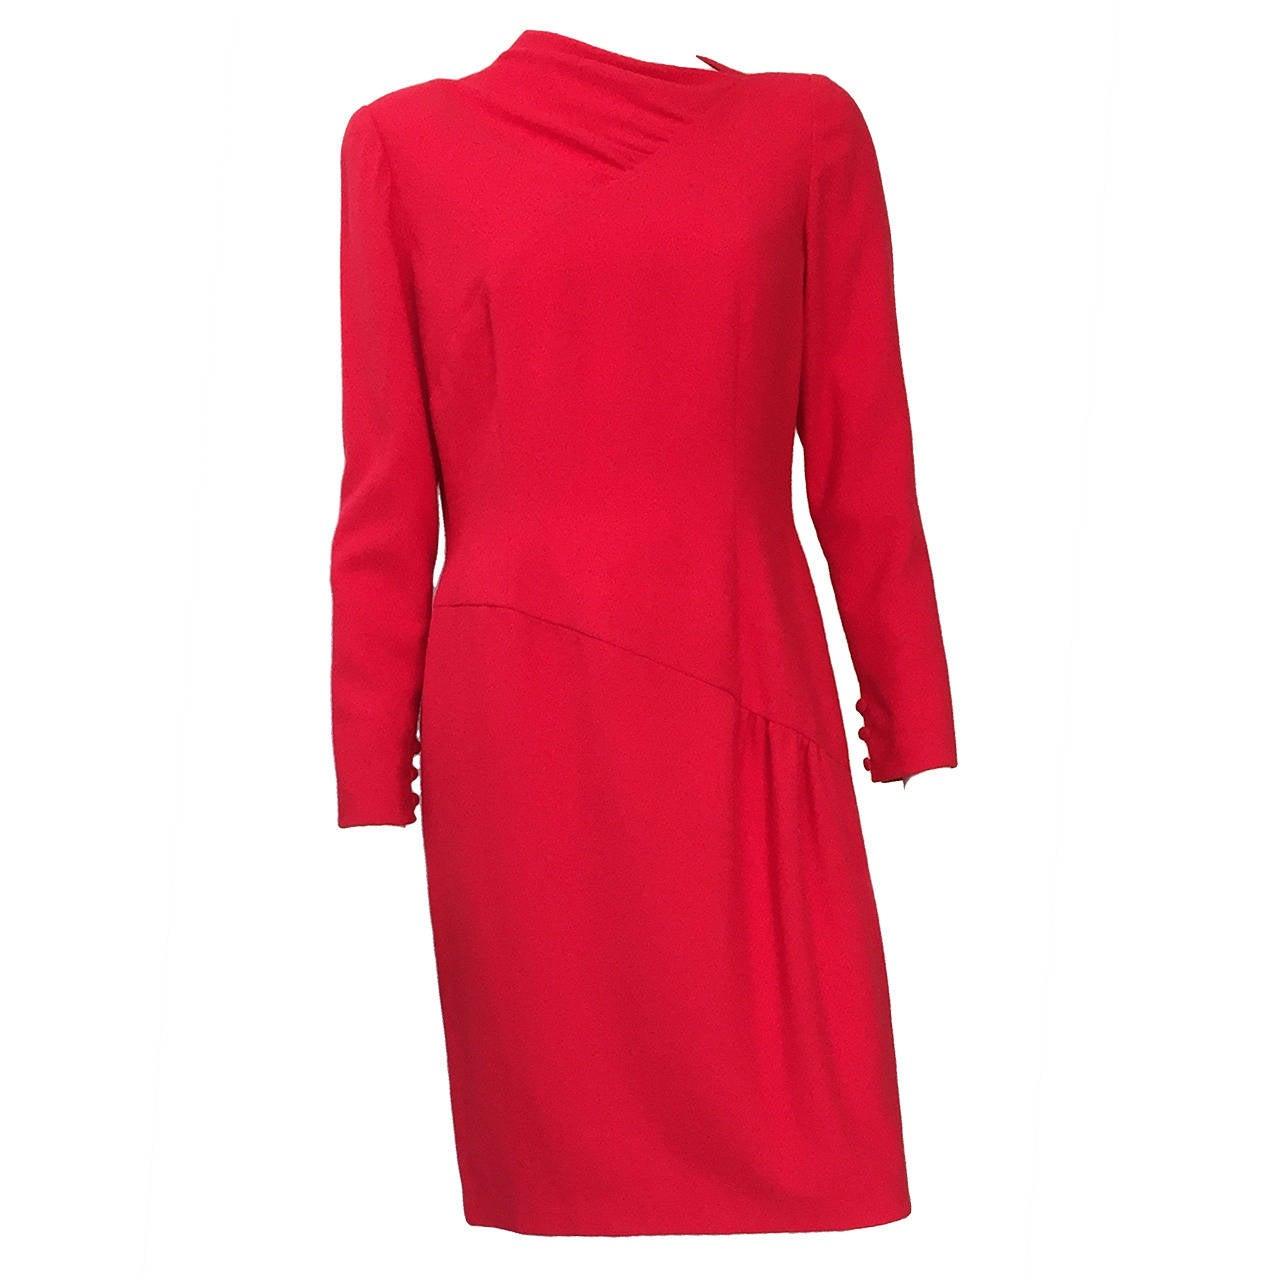 Bill Blass  70s Red Wool Dress Size 12.